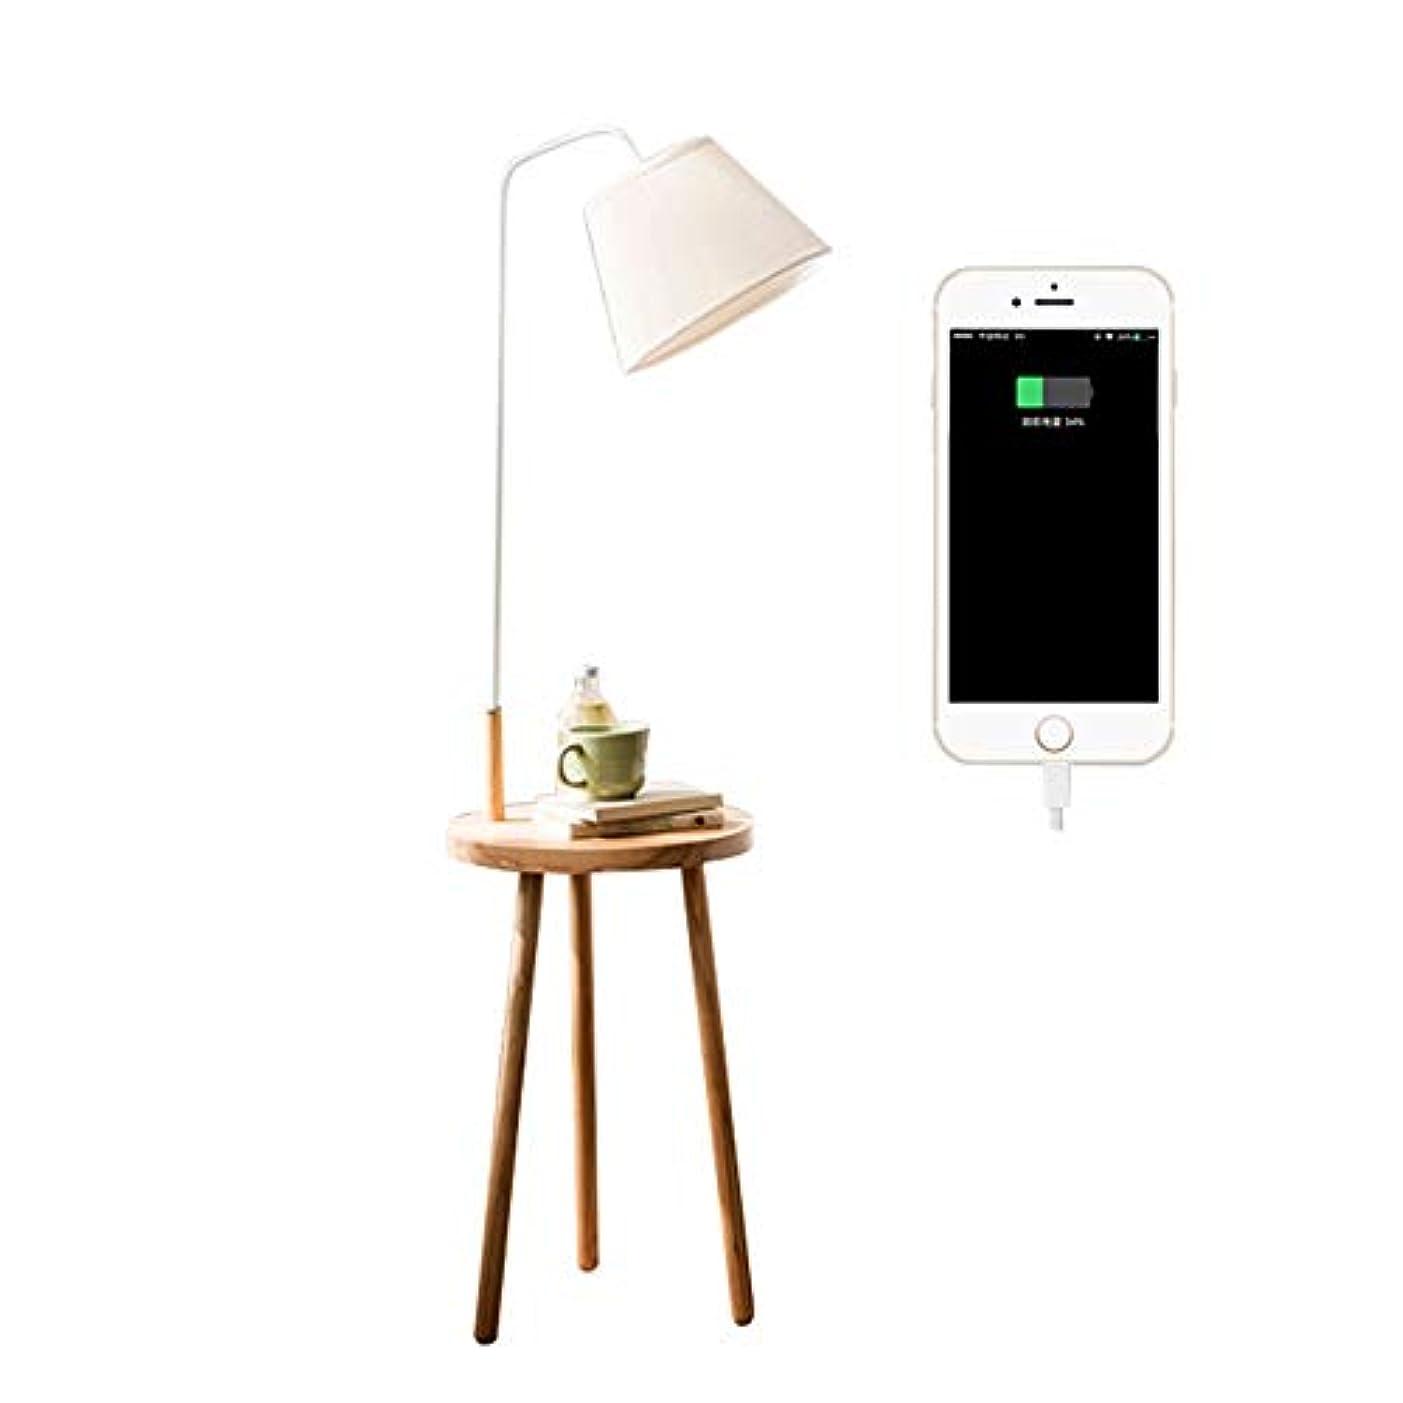 毒液メタン間接的Hamel フロアランプ フロアランプソリッドウッドリビングルームベッドサイドランプの充電用USBクリエイティブ北欧のベッドルームのフロアランプの垂直シェルフ三脚コーヒーテーブルランプ